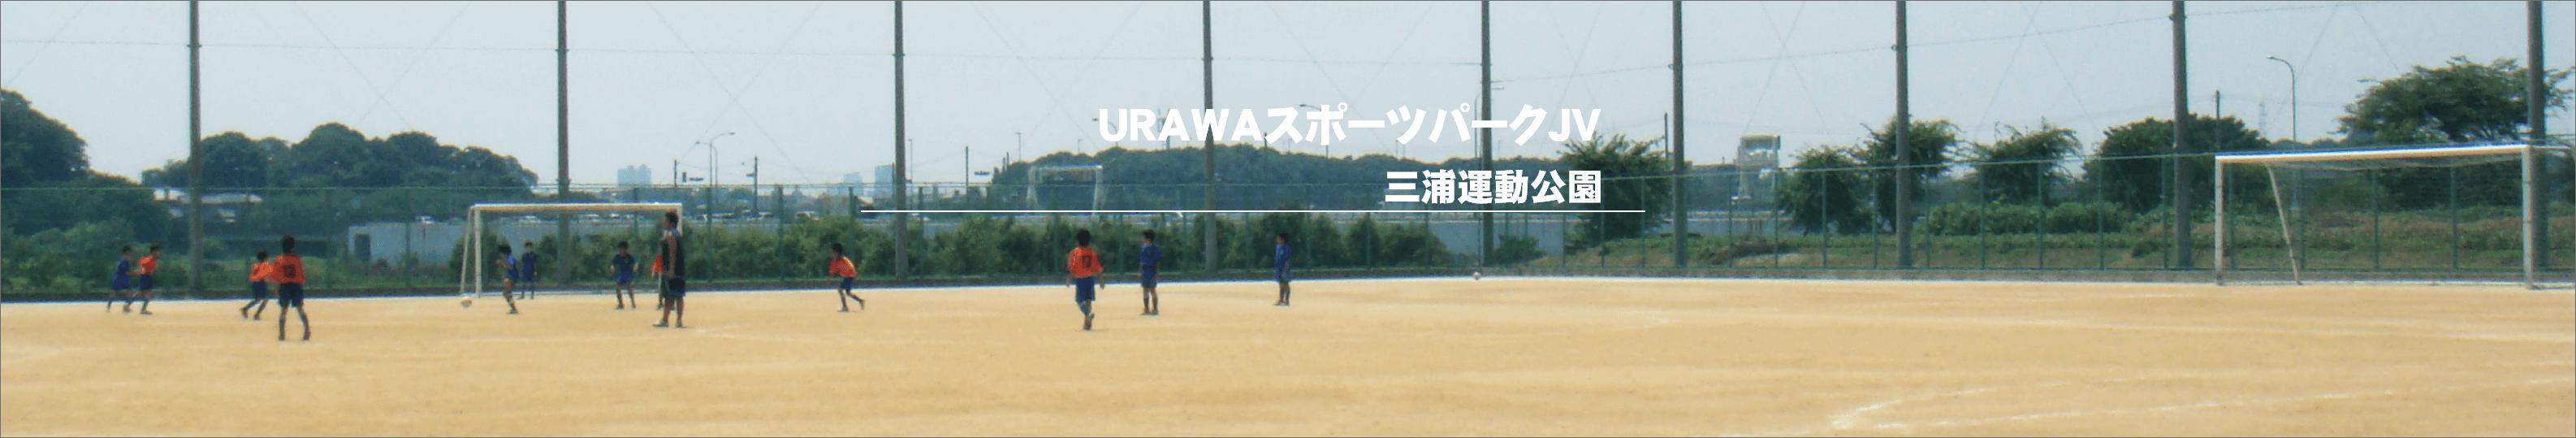 イメージ画像:三浦運動公園